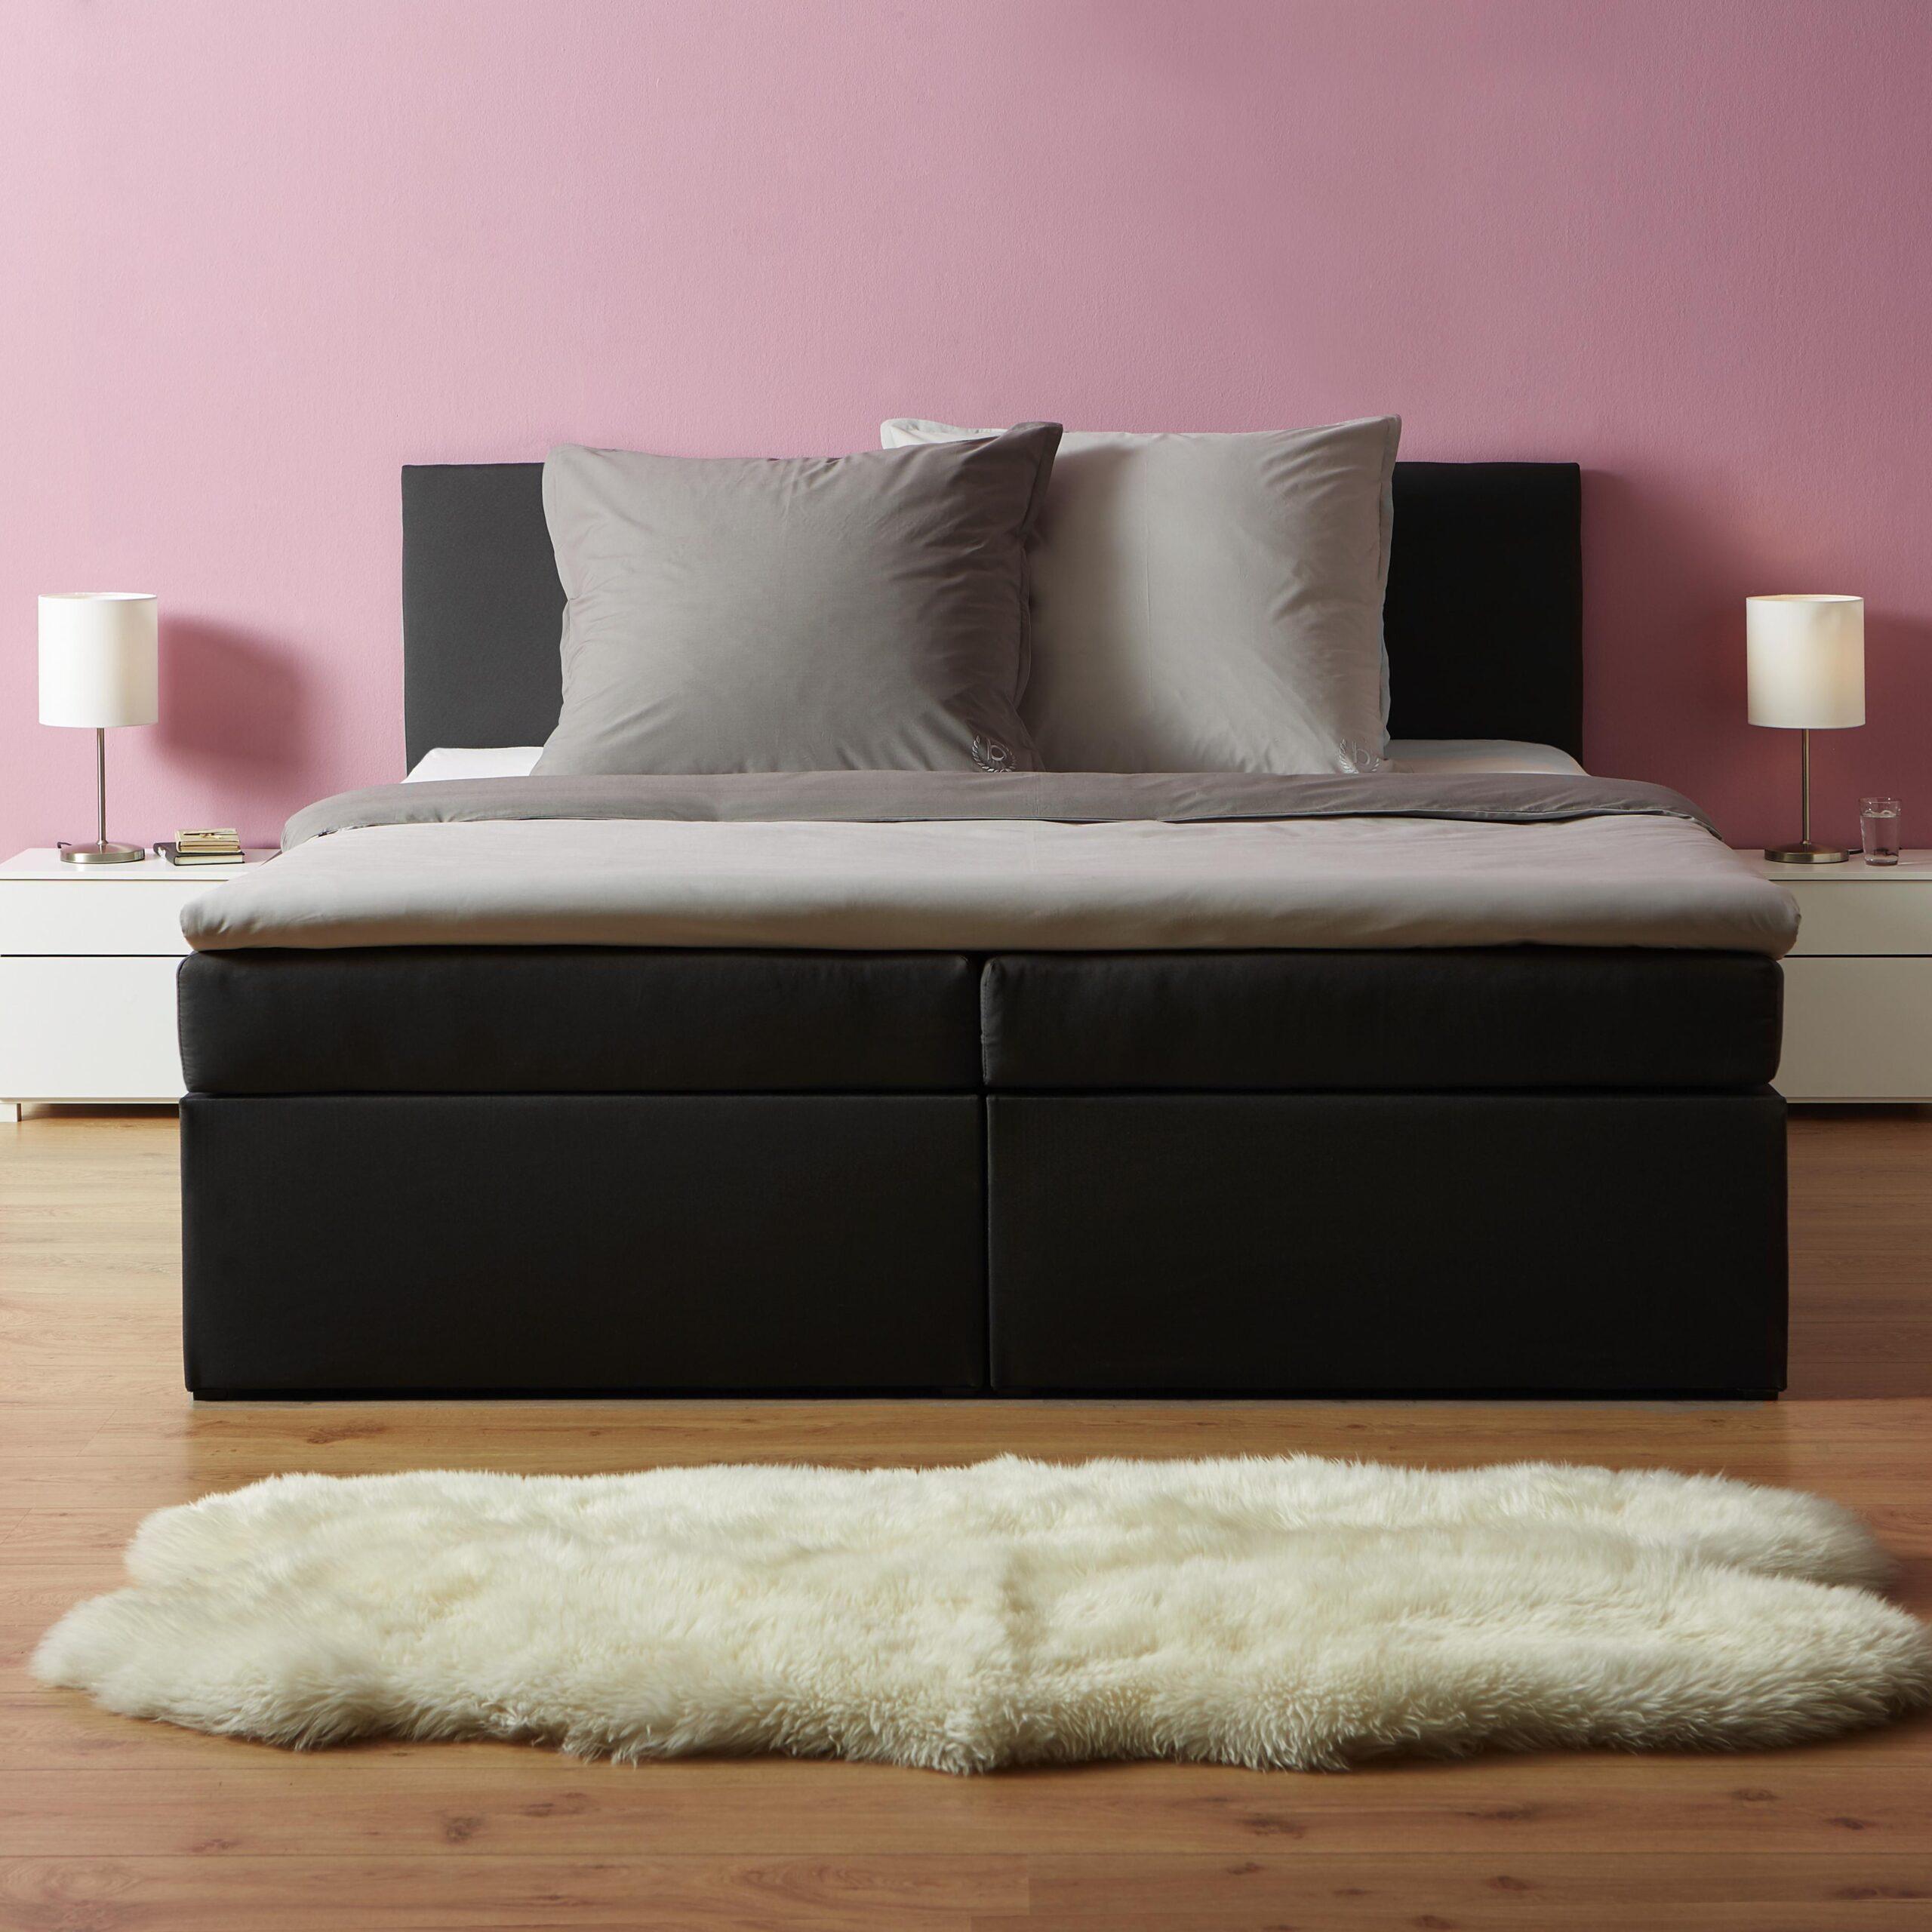 Full Size of Palettenbett Ikea 140x200 Betten Entdecken Mmax Sofa Mit Schlaffunktion Miniküche Küche Kosten Bei Kaufen 160x200 Modulküche Wohnzimmer Palettenbett Ikea